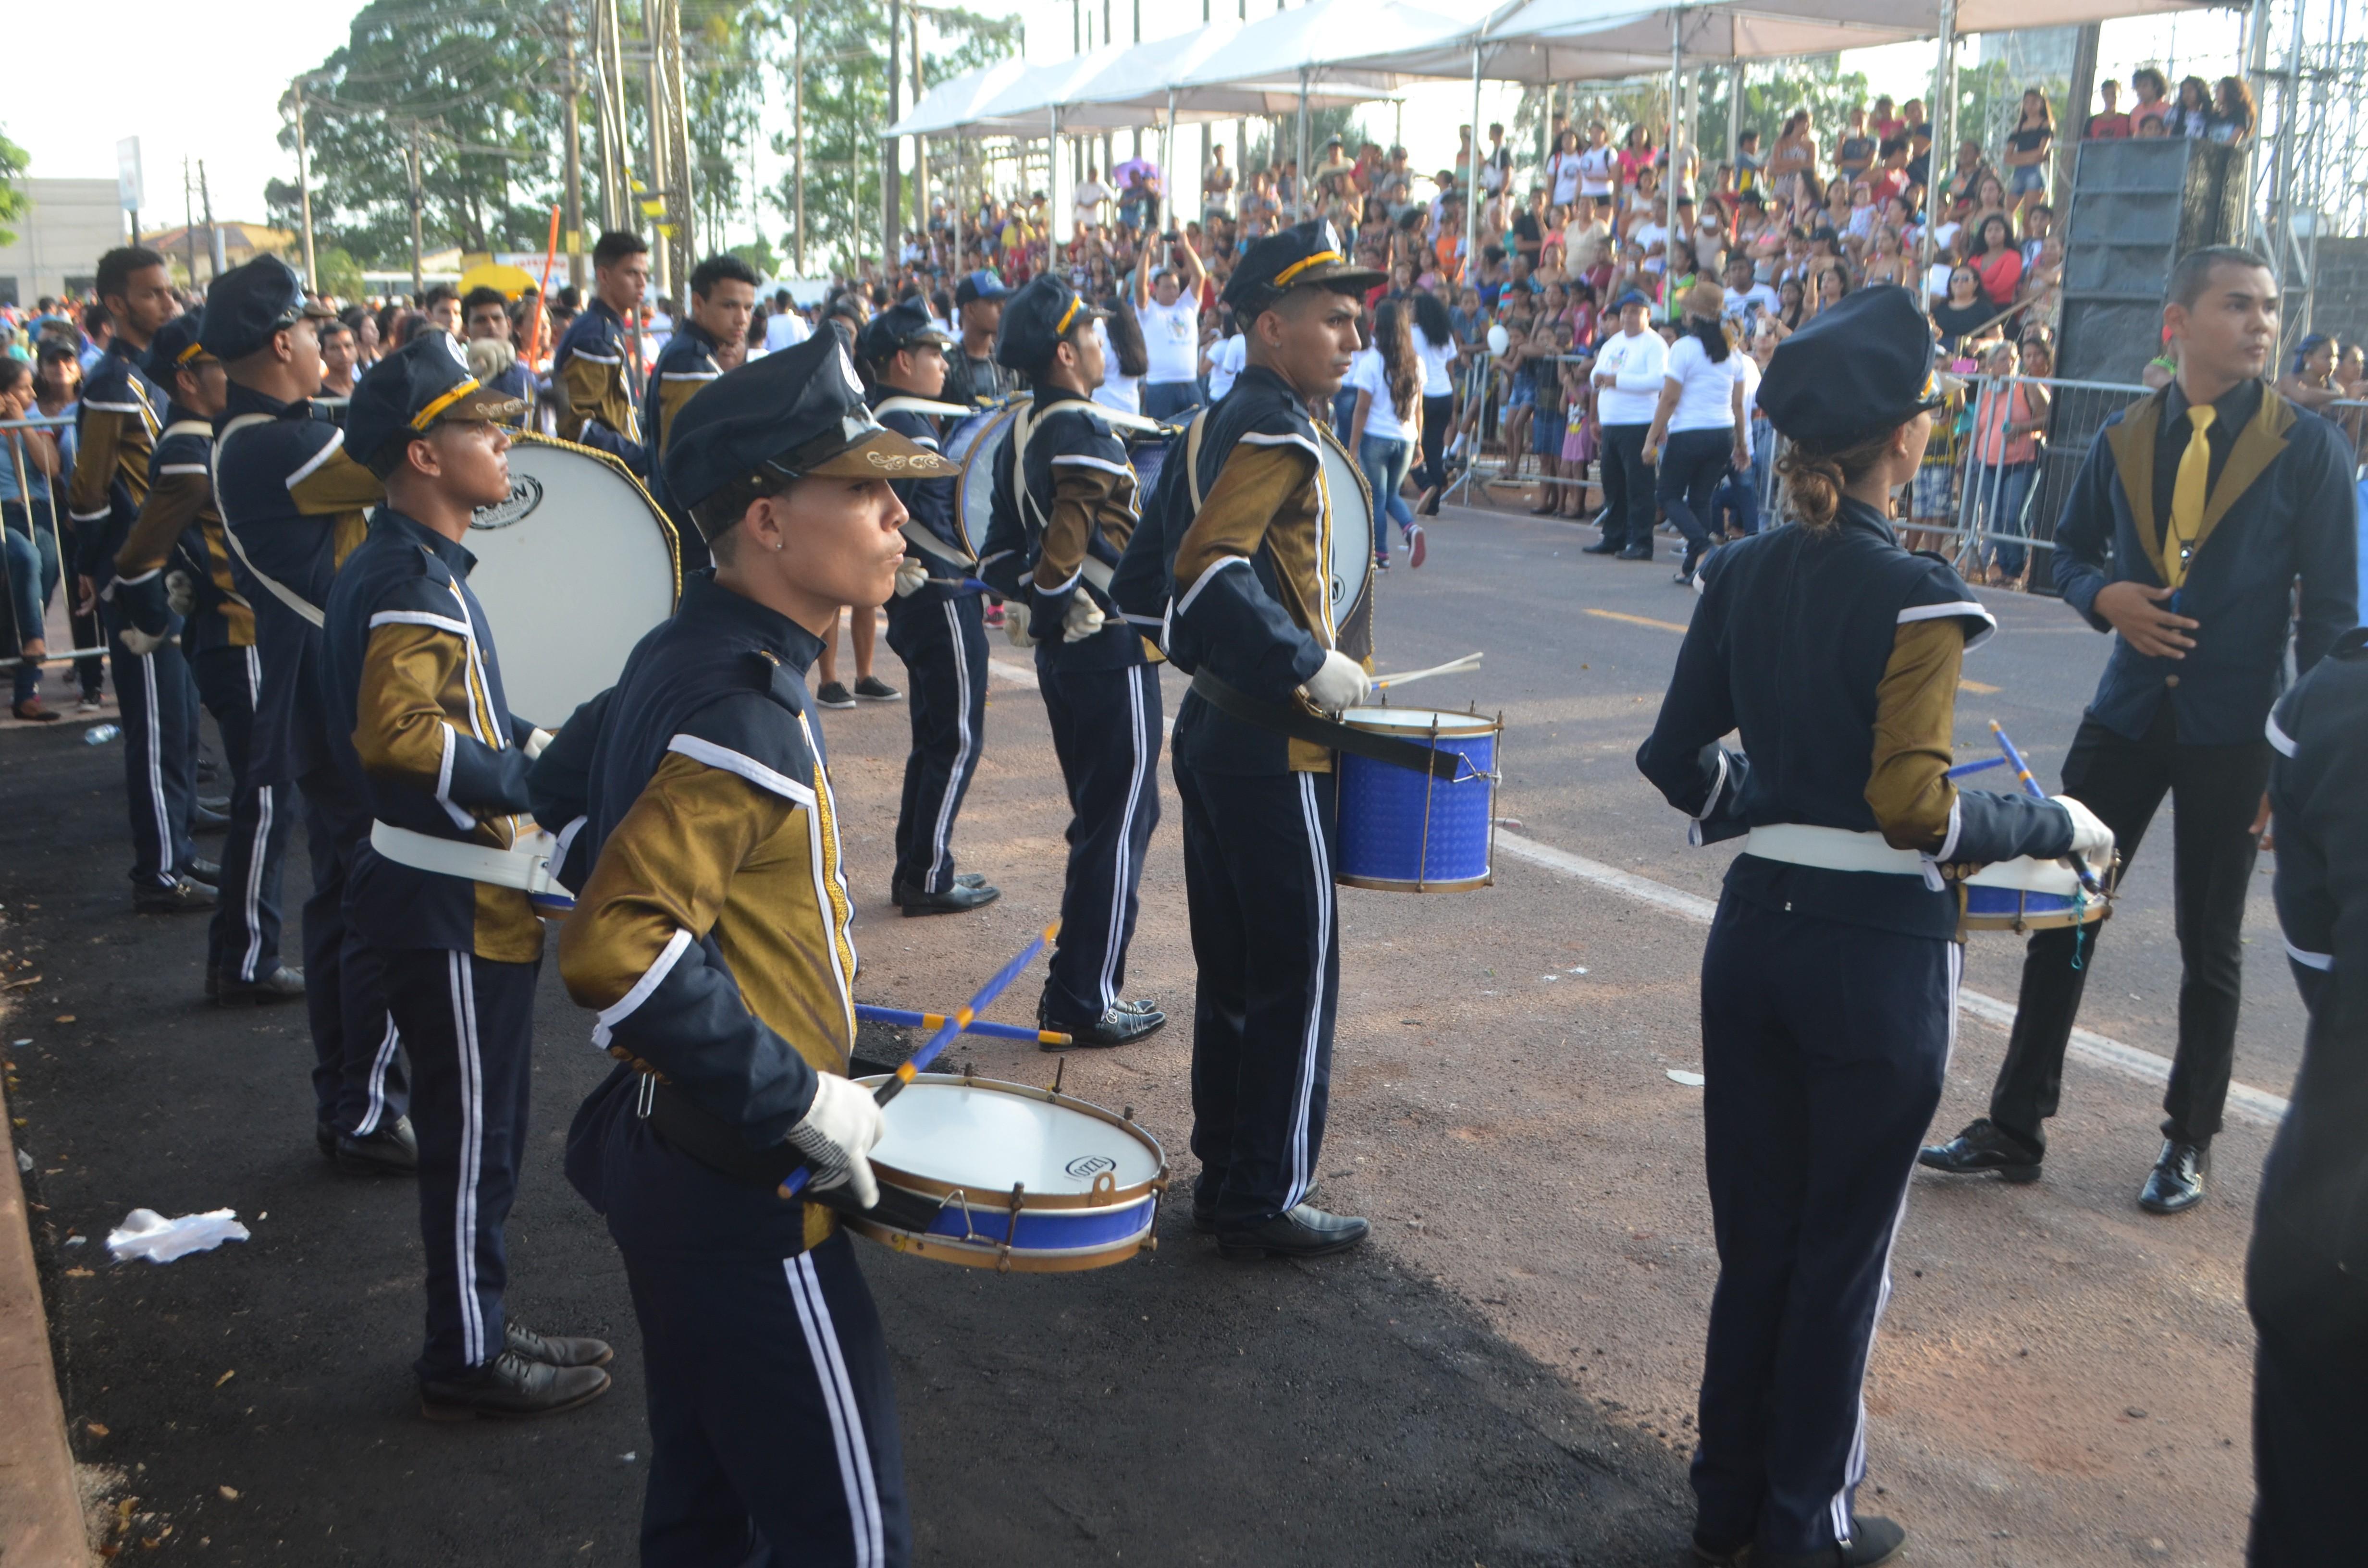 Orla de Macapá recebe festival gratuito com mais de 20 bandas e fanfarras de 8 municípios